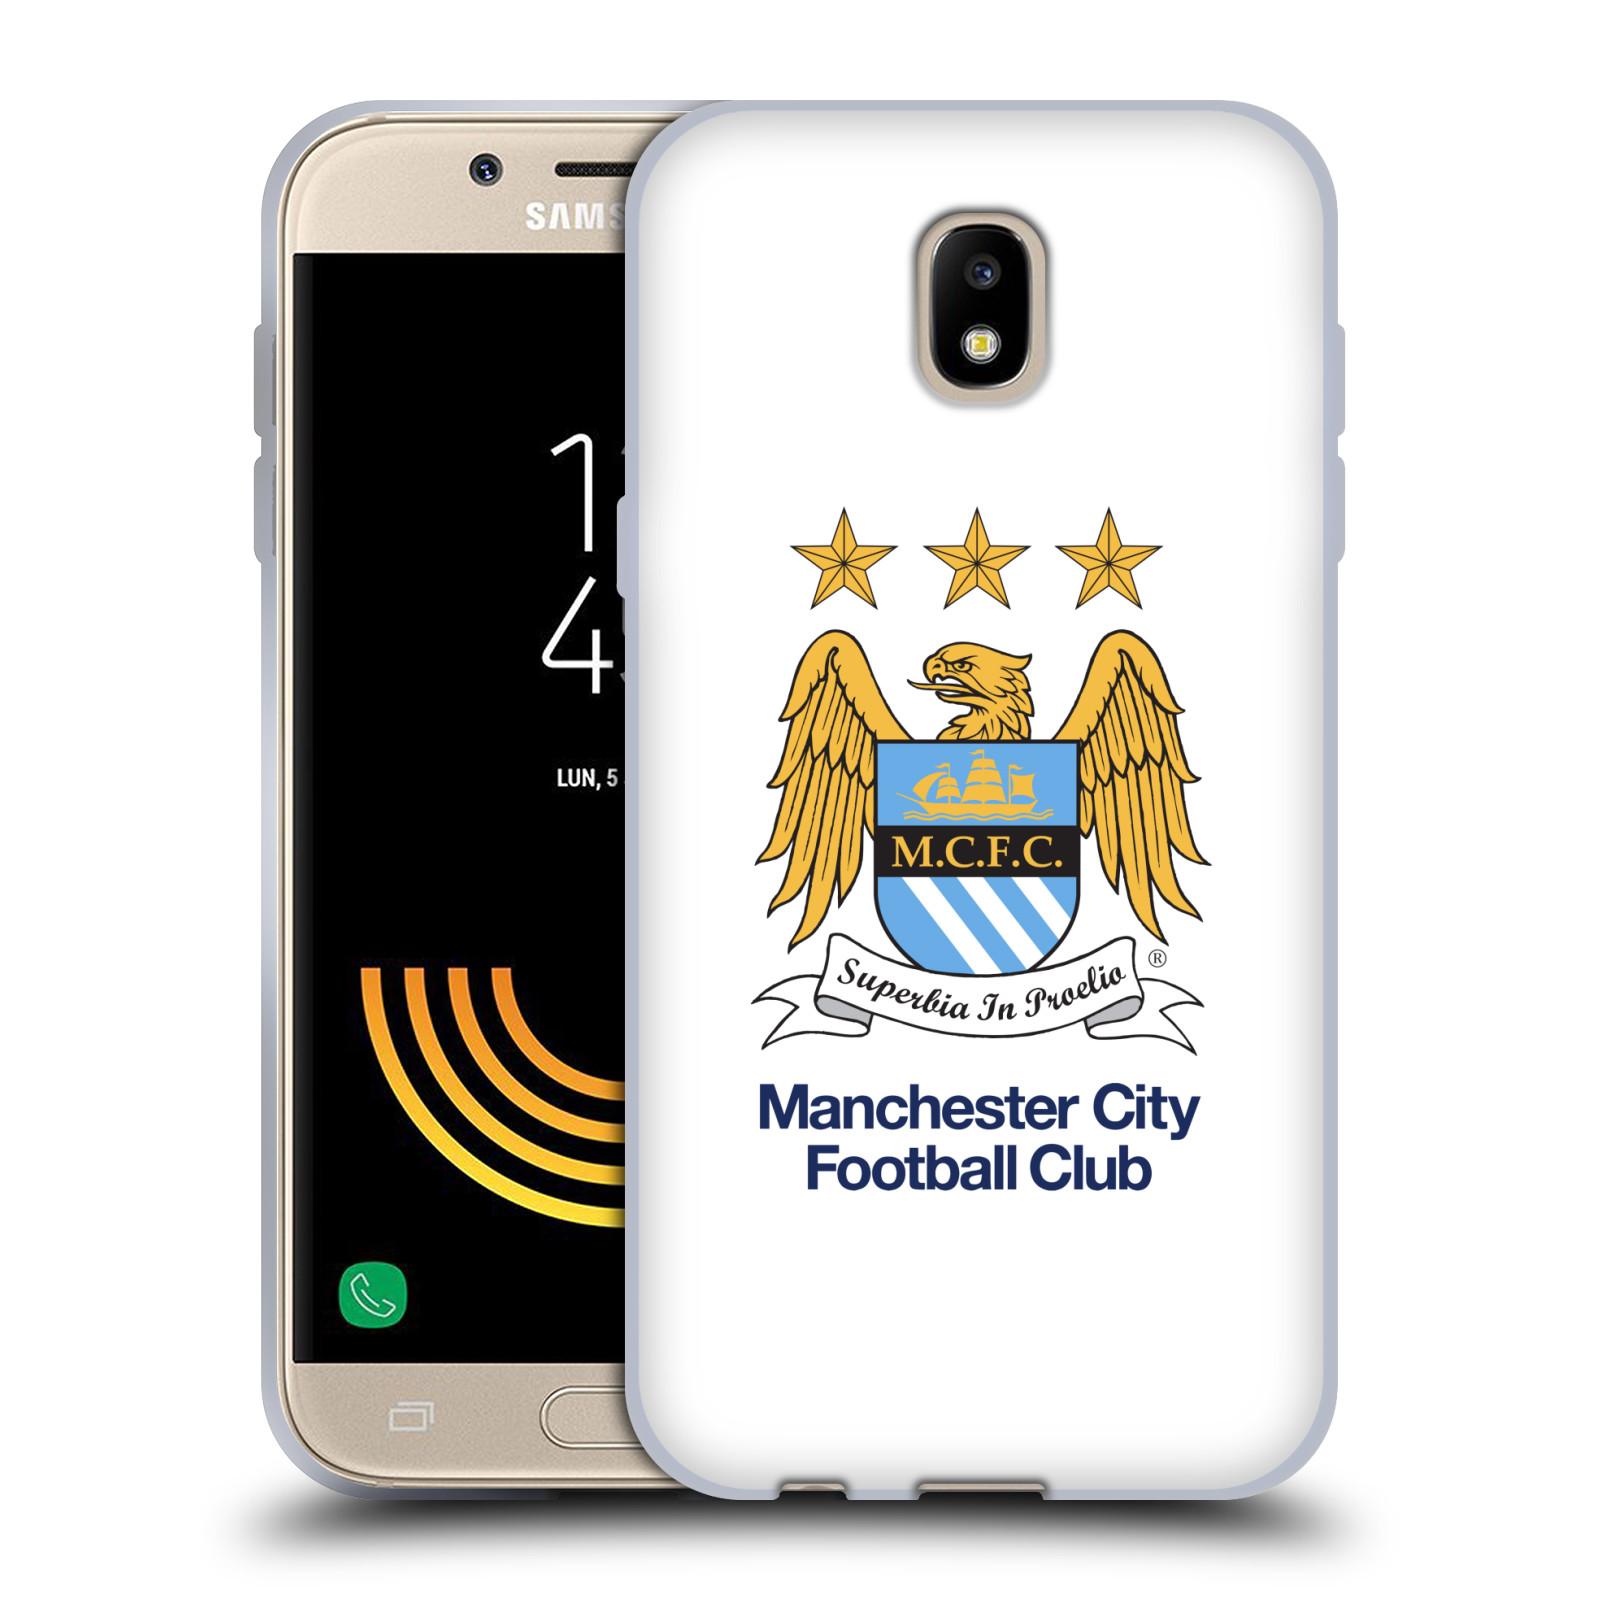 HEAD CASE silikonový obal na mobil Samsung Galaxy J5 2017 Fotbalový klub Manchester City bílé pozadí velký znak pták